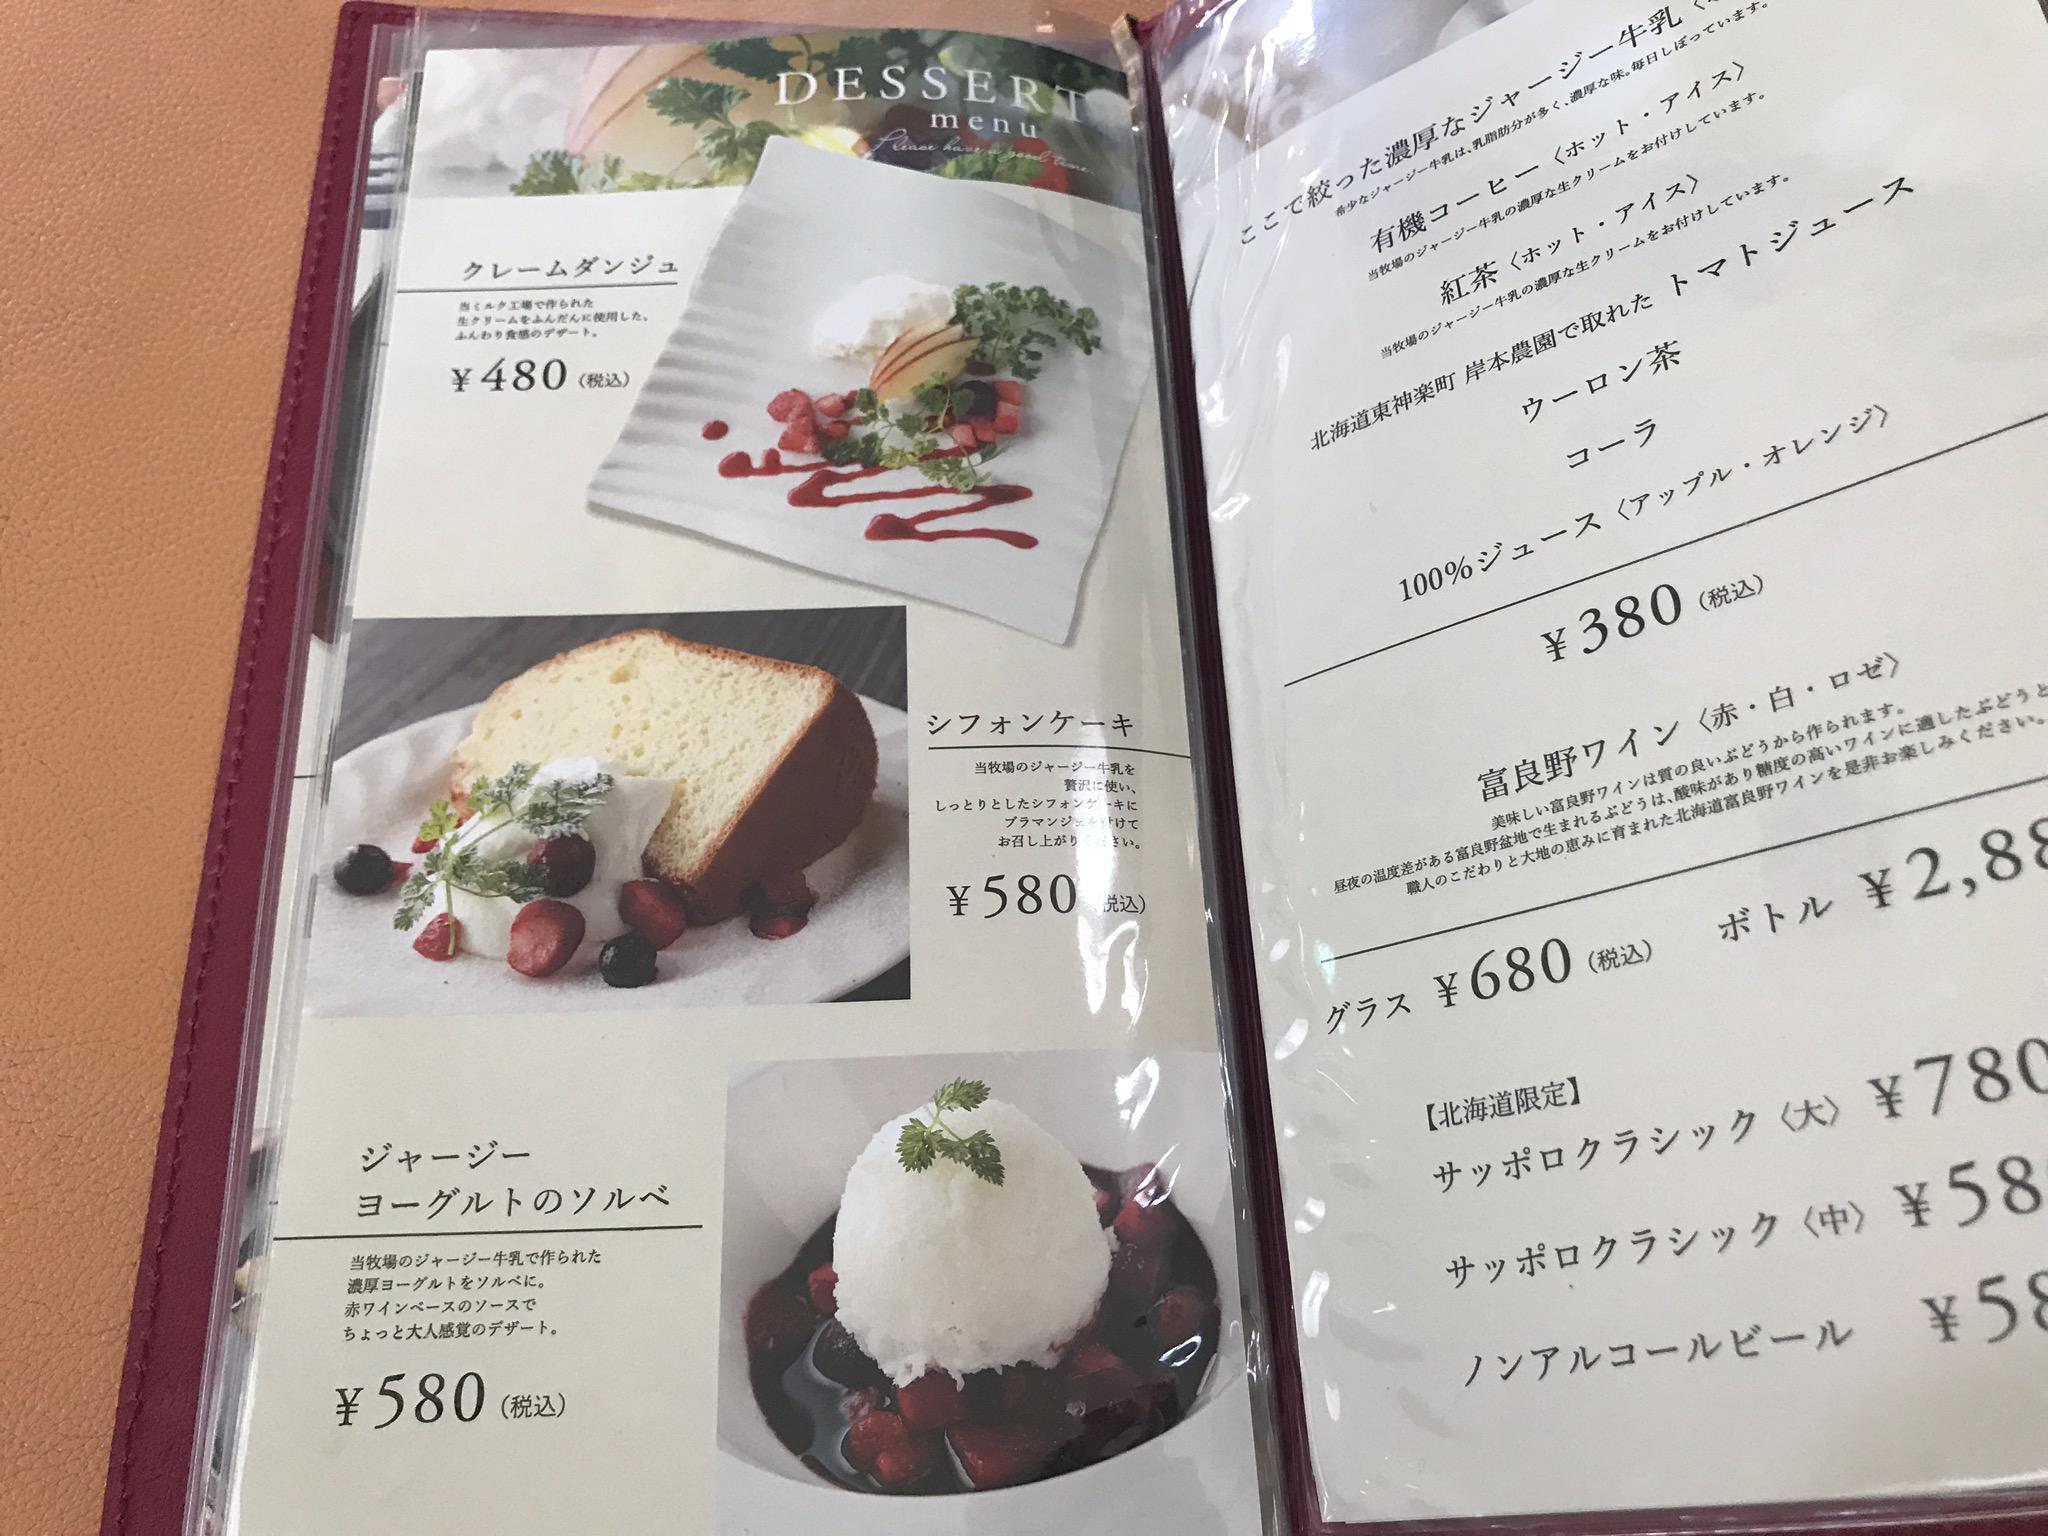 ファームレストラン千代田のメニュー